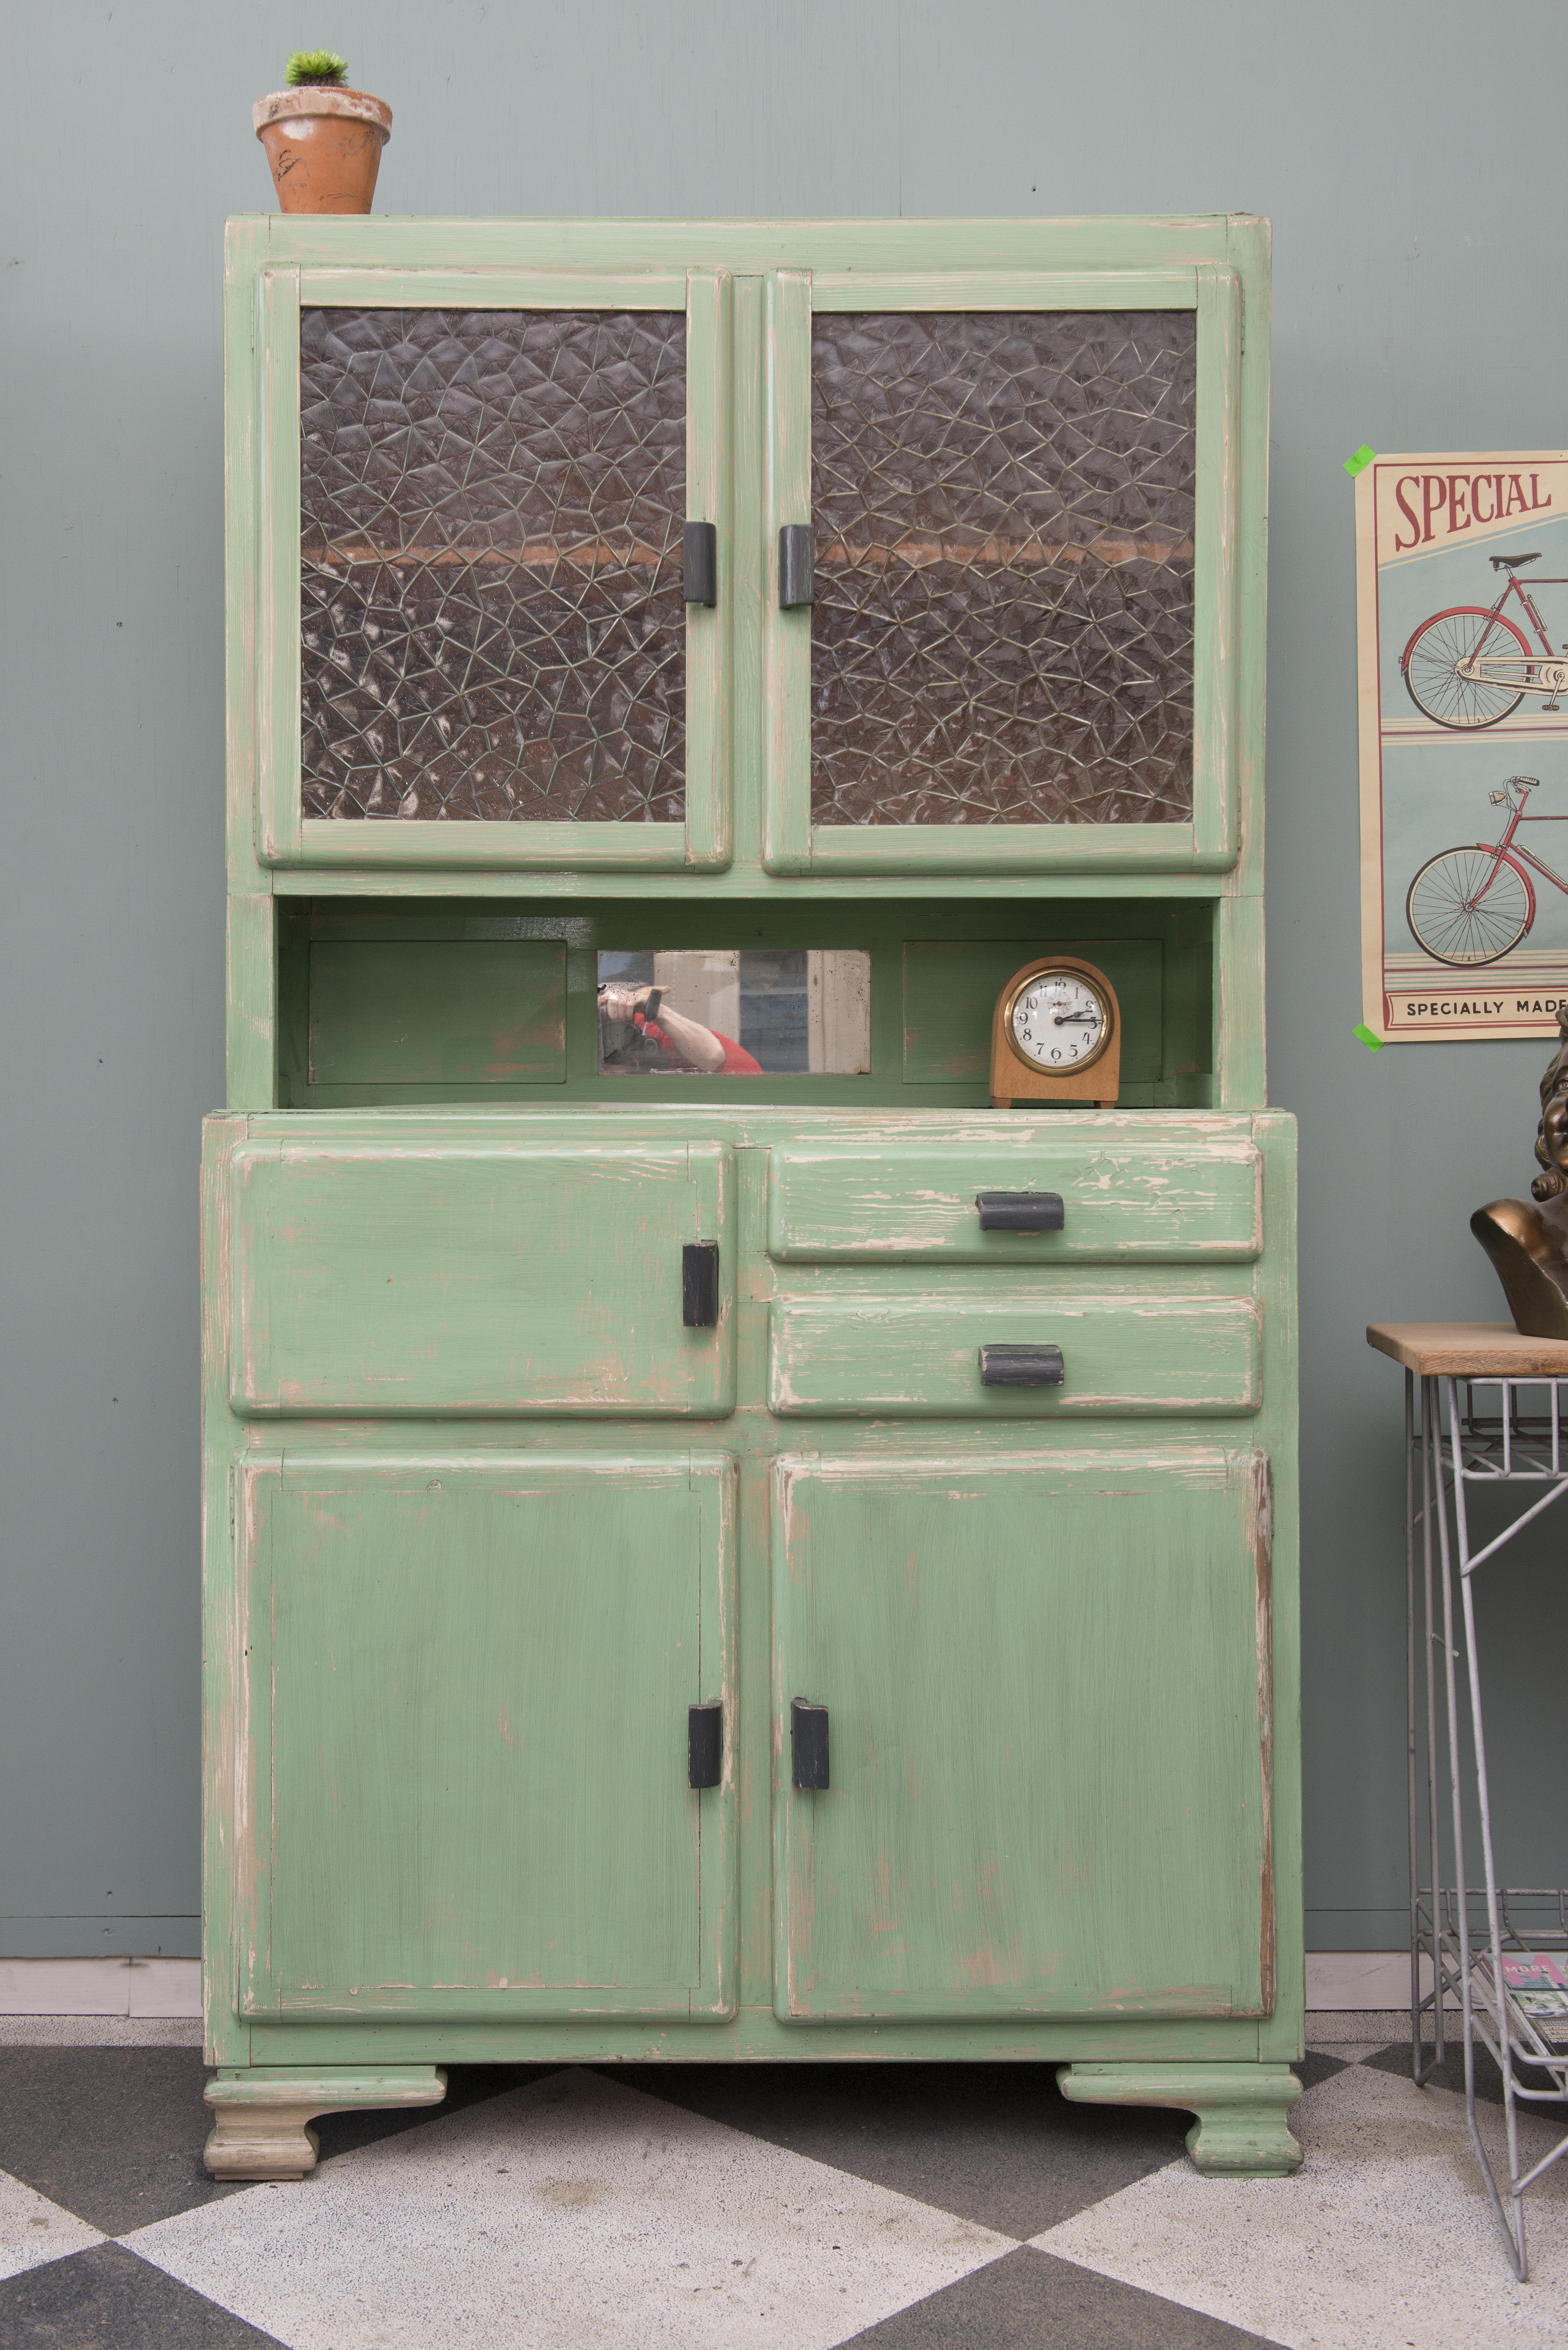 Ongebruikt Vintage keukenkast zeegroen. | Keukenkasten - Kast, Antieke kast BK-23